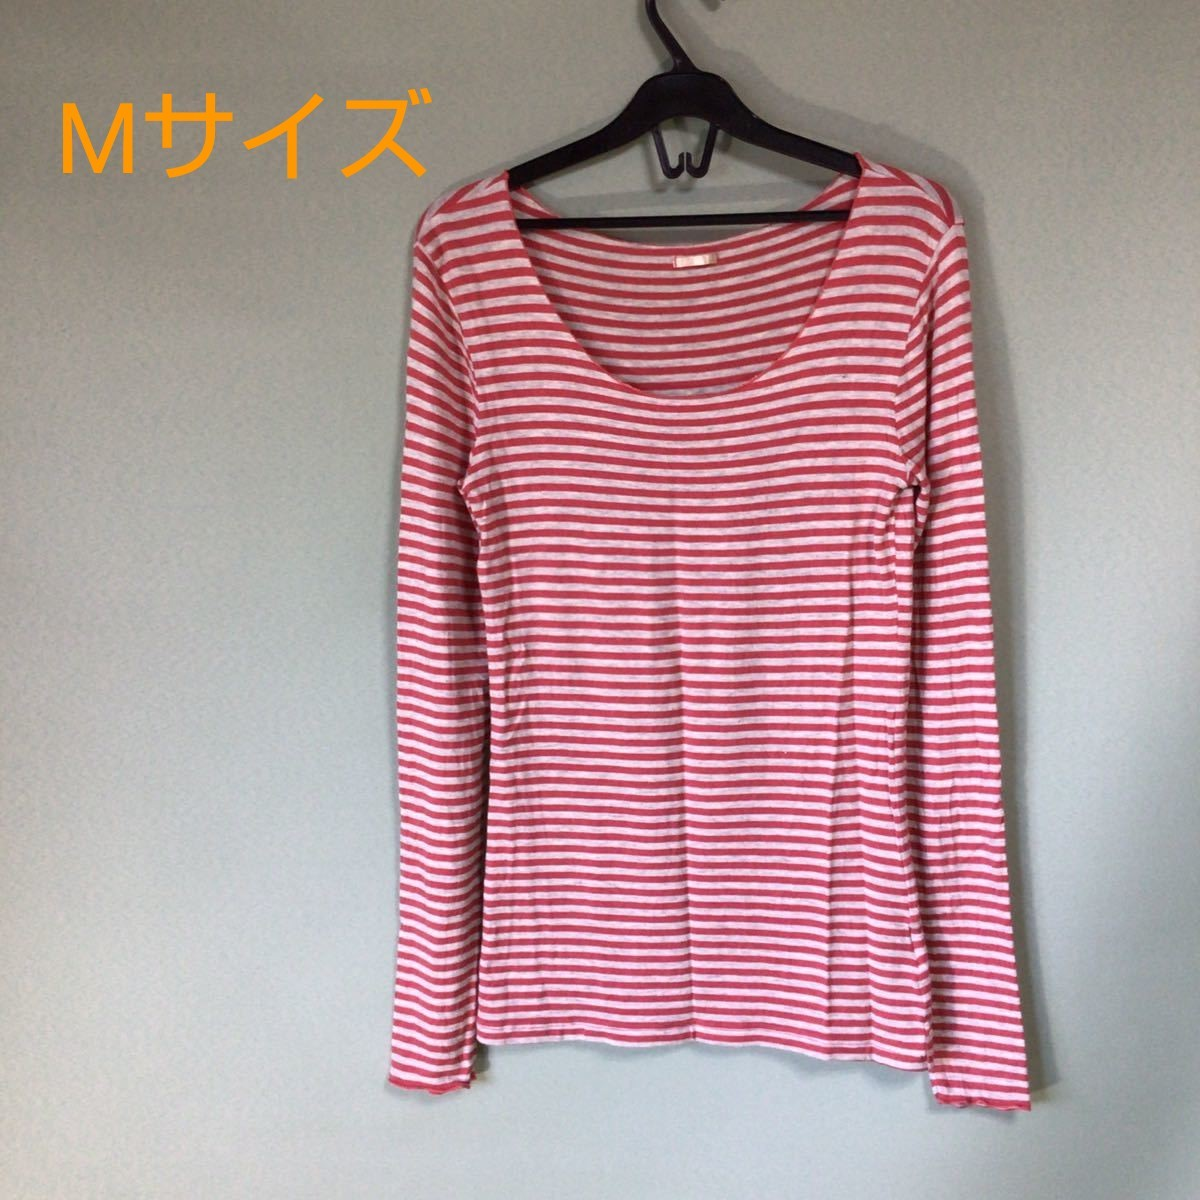 長袖カットソー ボーダー柄 Mサイズ 赤×グレー色 長袖カットソー 長袖T